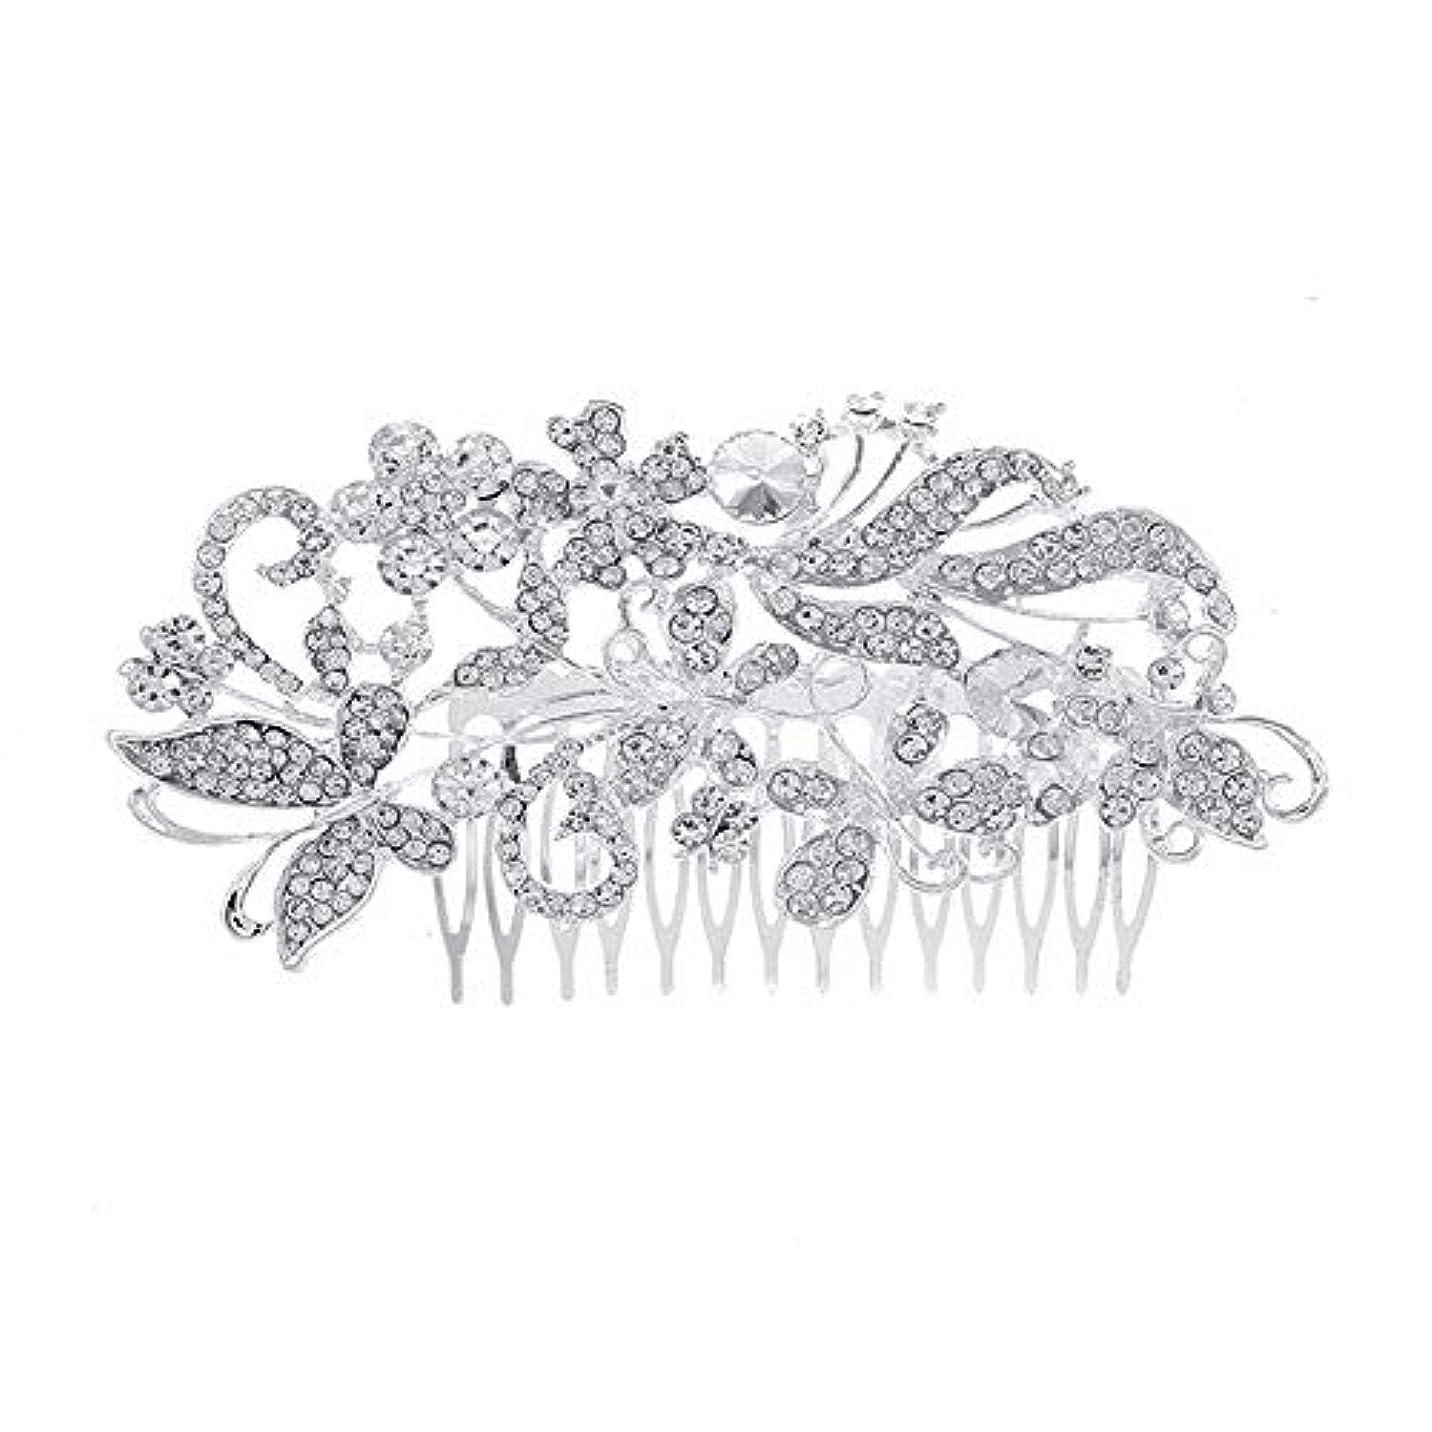 コイルローズ自発的髪の櫛、櫛、花嫁の髪の櫛、亜鉛合金、結婚式のアクセサリー、櫛